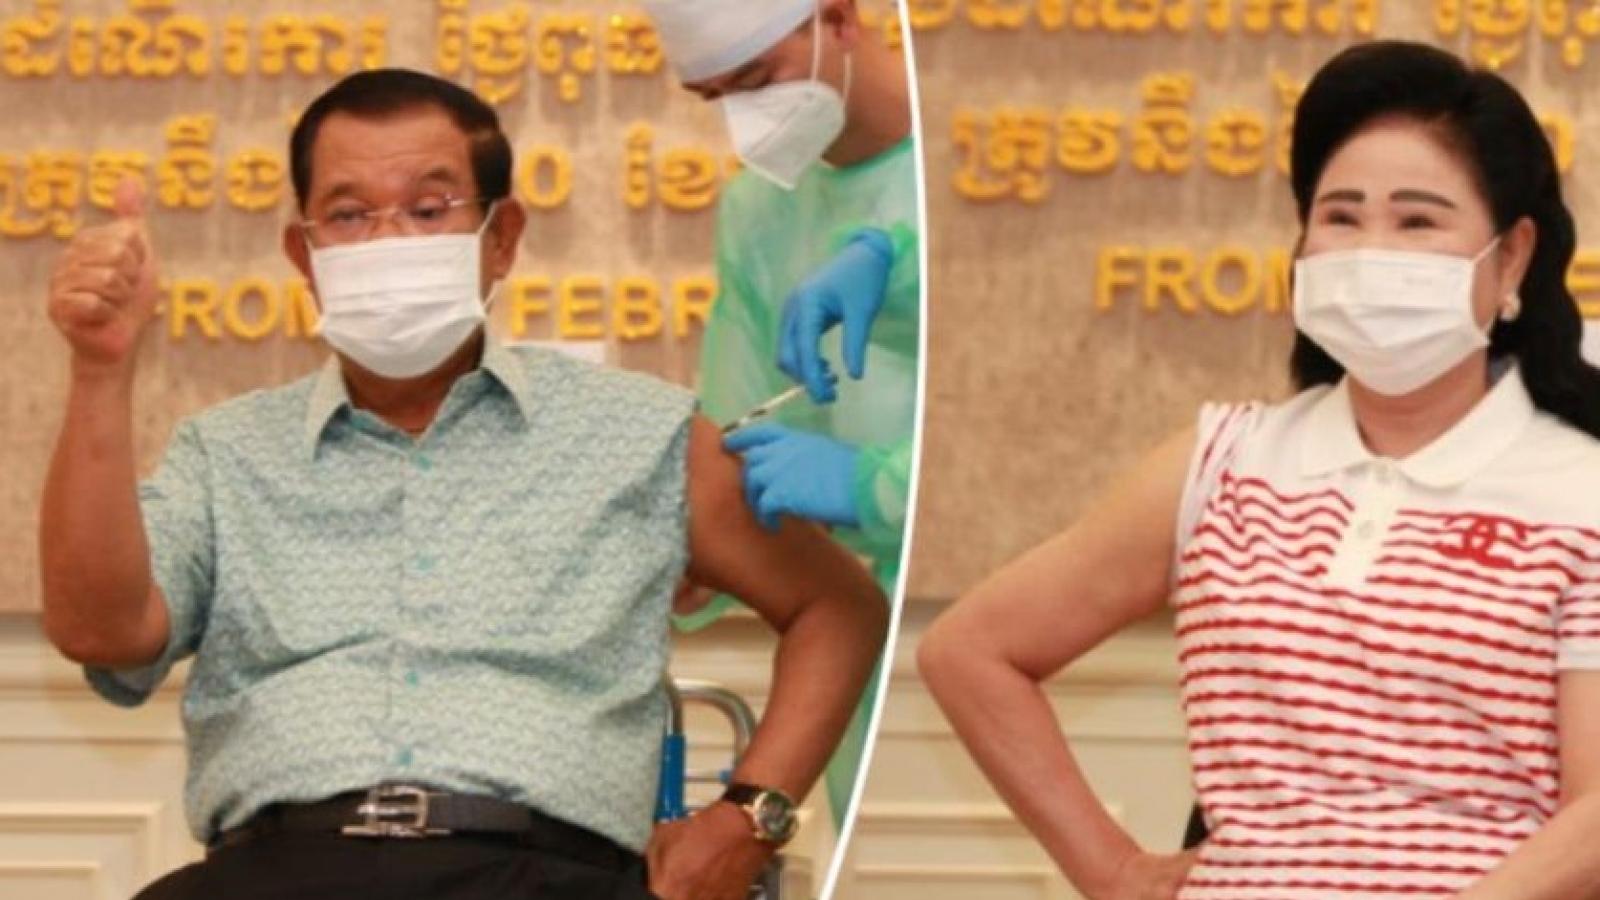 Thủ tướng Hun Sen tiêmvaccine ngừa Covid-19, dịch bệnh ở Campuchia tiếp tục phức tạp